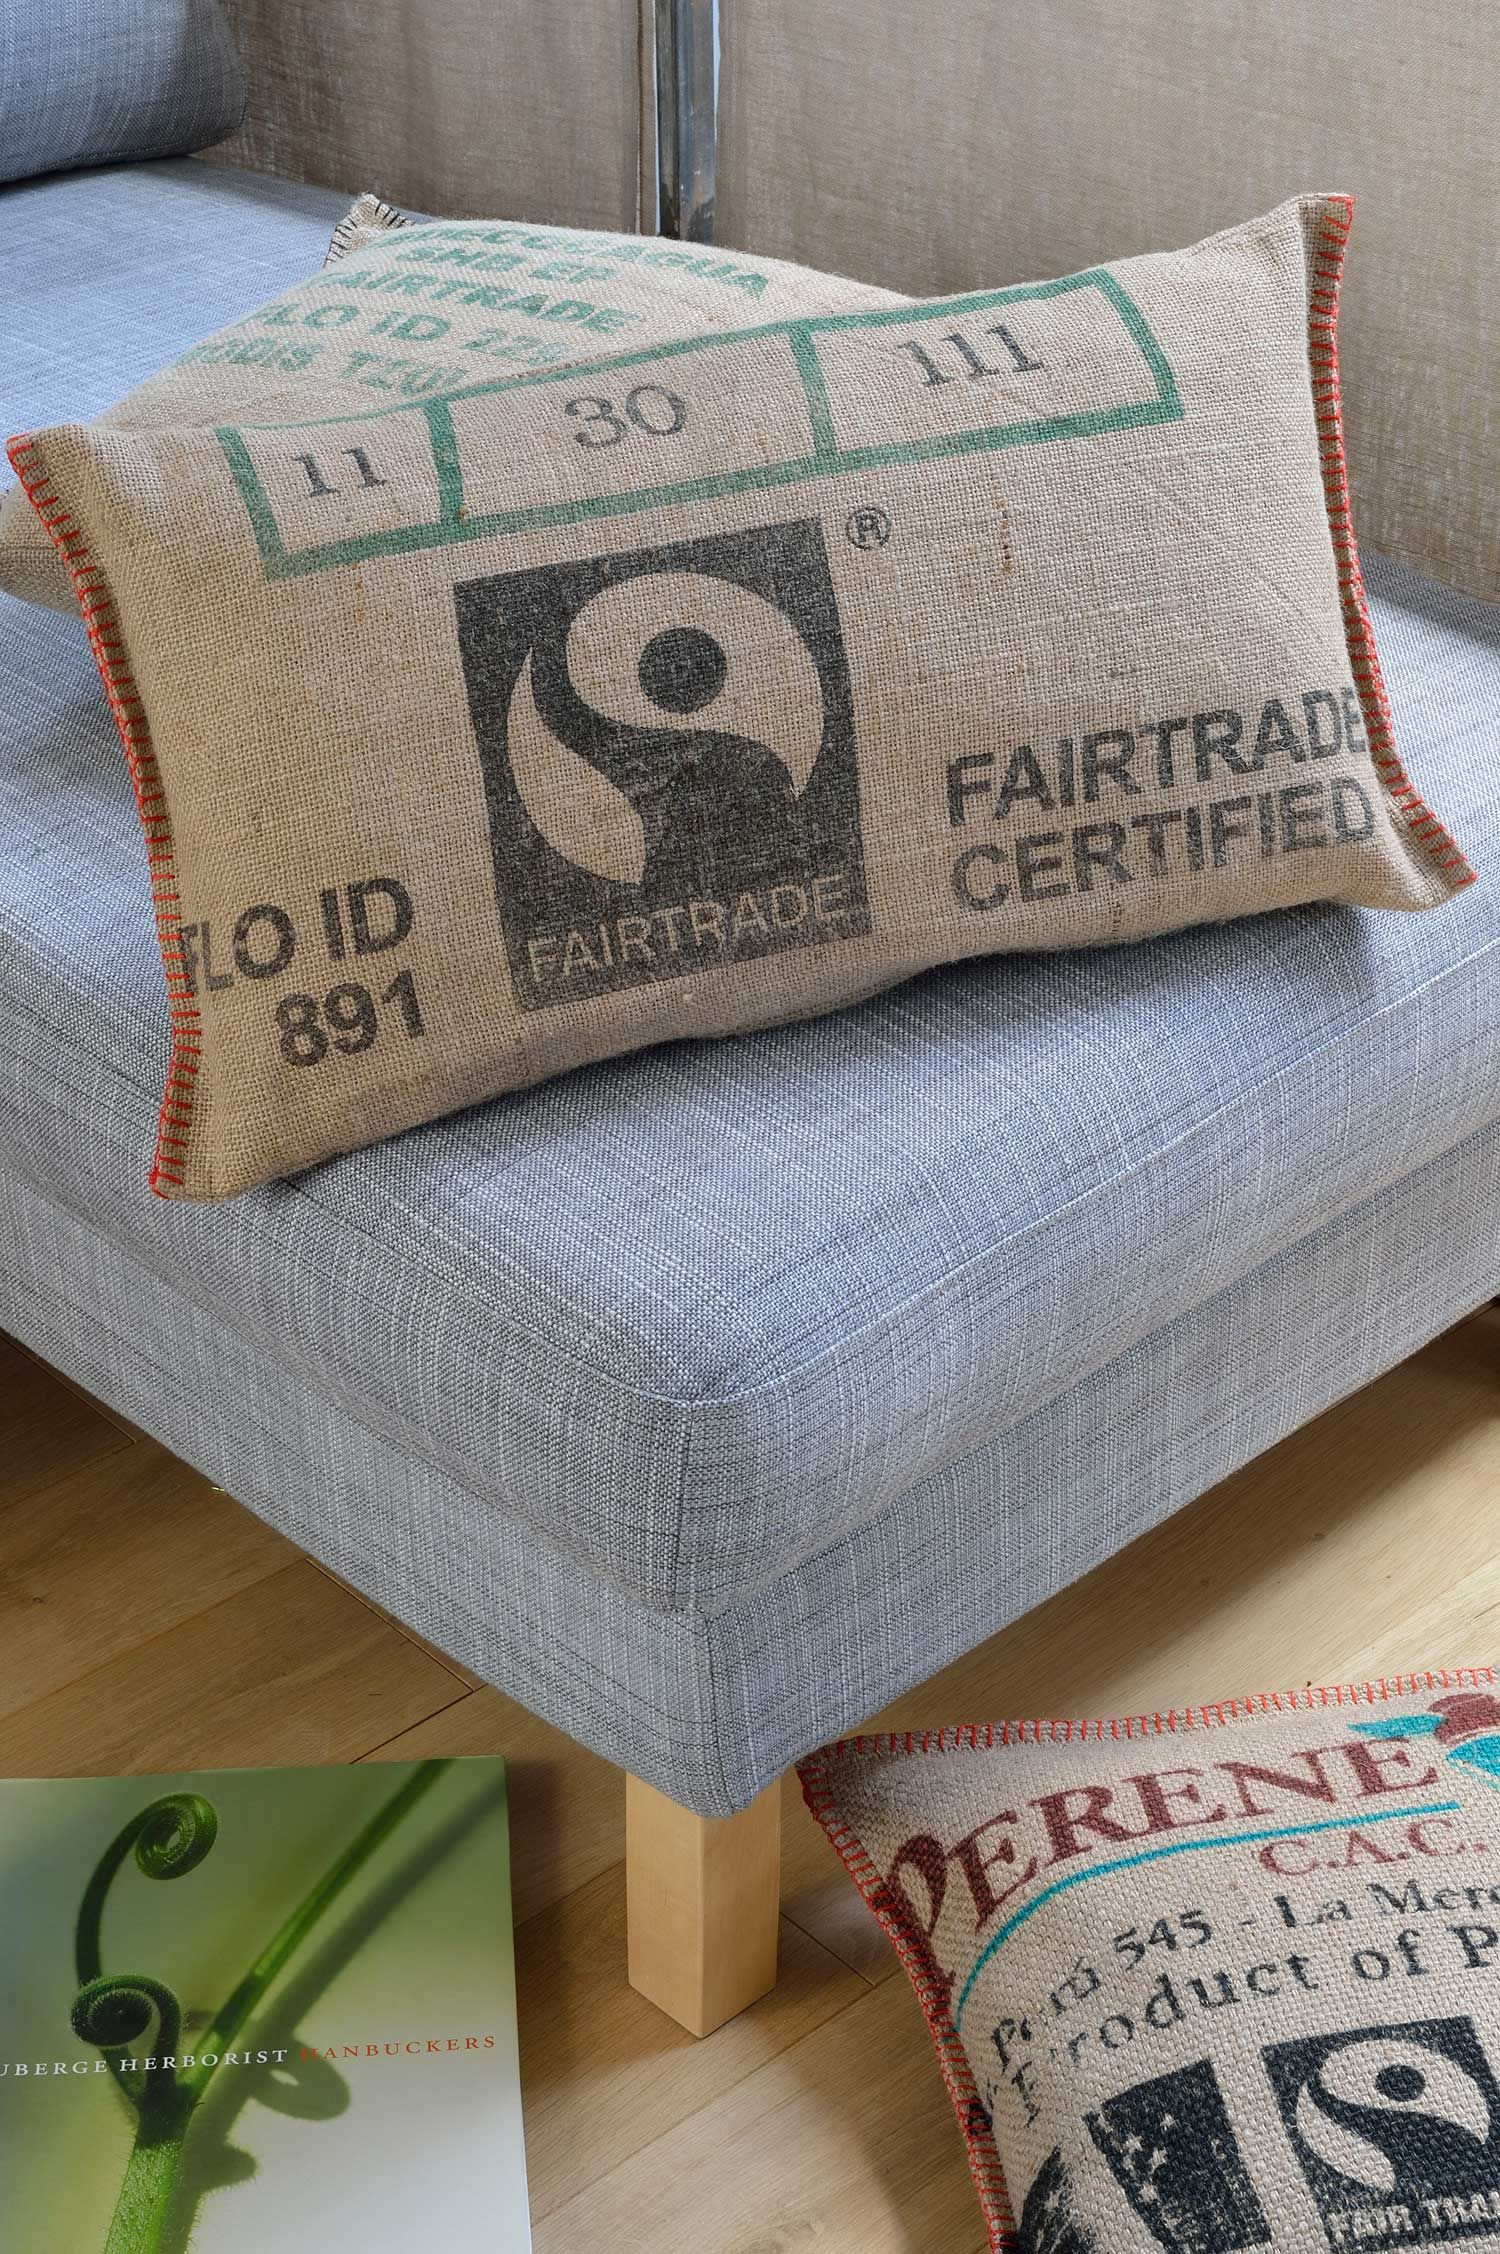 100 toile de jute de sacs de caf recycl s inscriptions d 39 origine des sacs rembourrage en. Black Bedroom Furniture Sets. Home Design Ideas